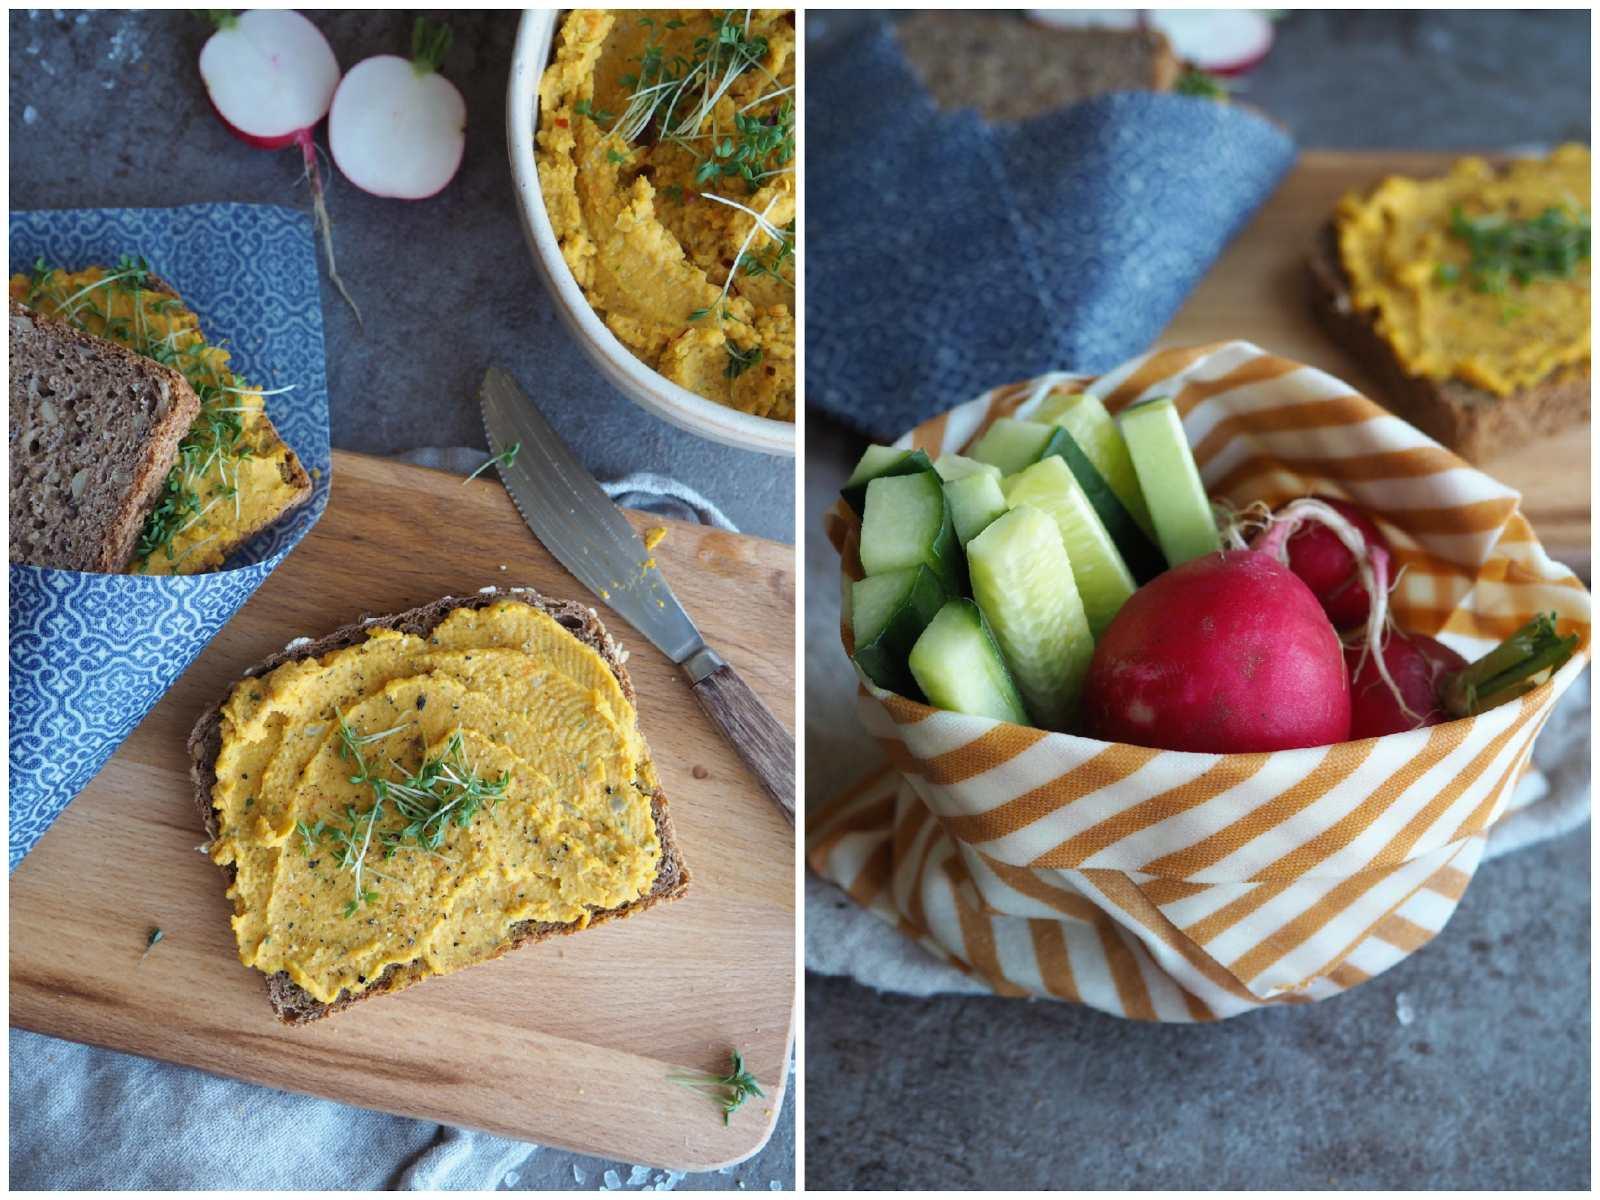 Möhren-Hummus mit Kresse und Rohkost